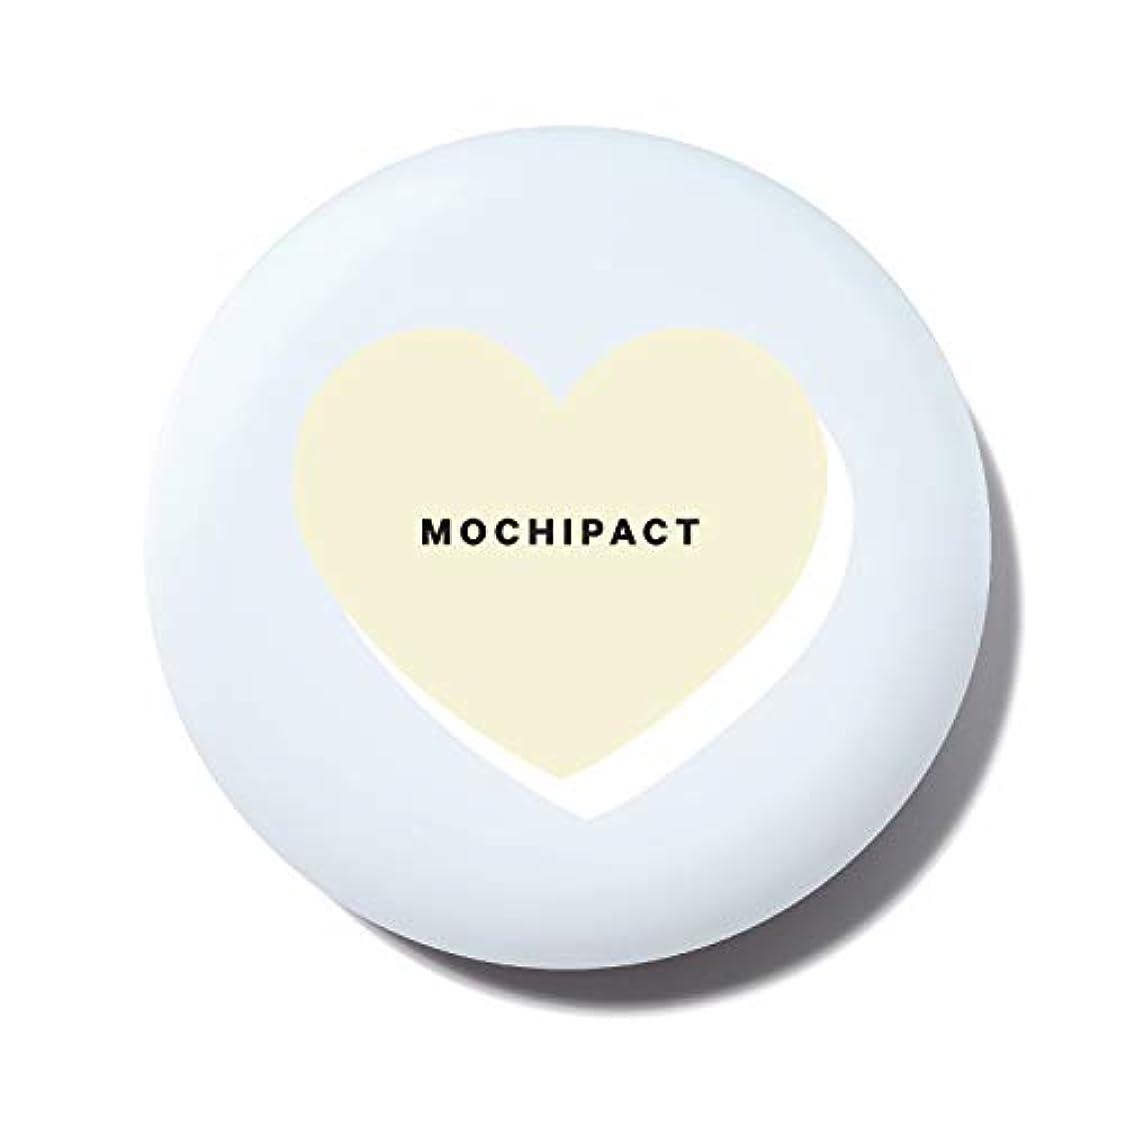 広がり精神的に一般化する16brand(シックスティーンブランド) 16MOCHI PACT (モチパクト) ピーチライト (PEACH LIGHT) (9g)